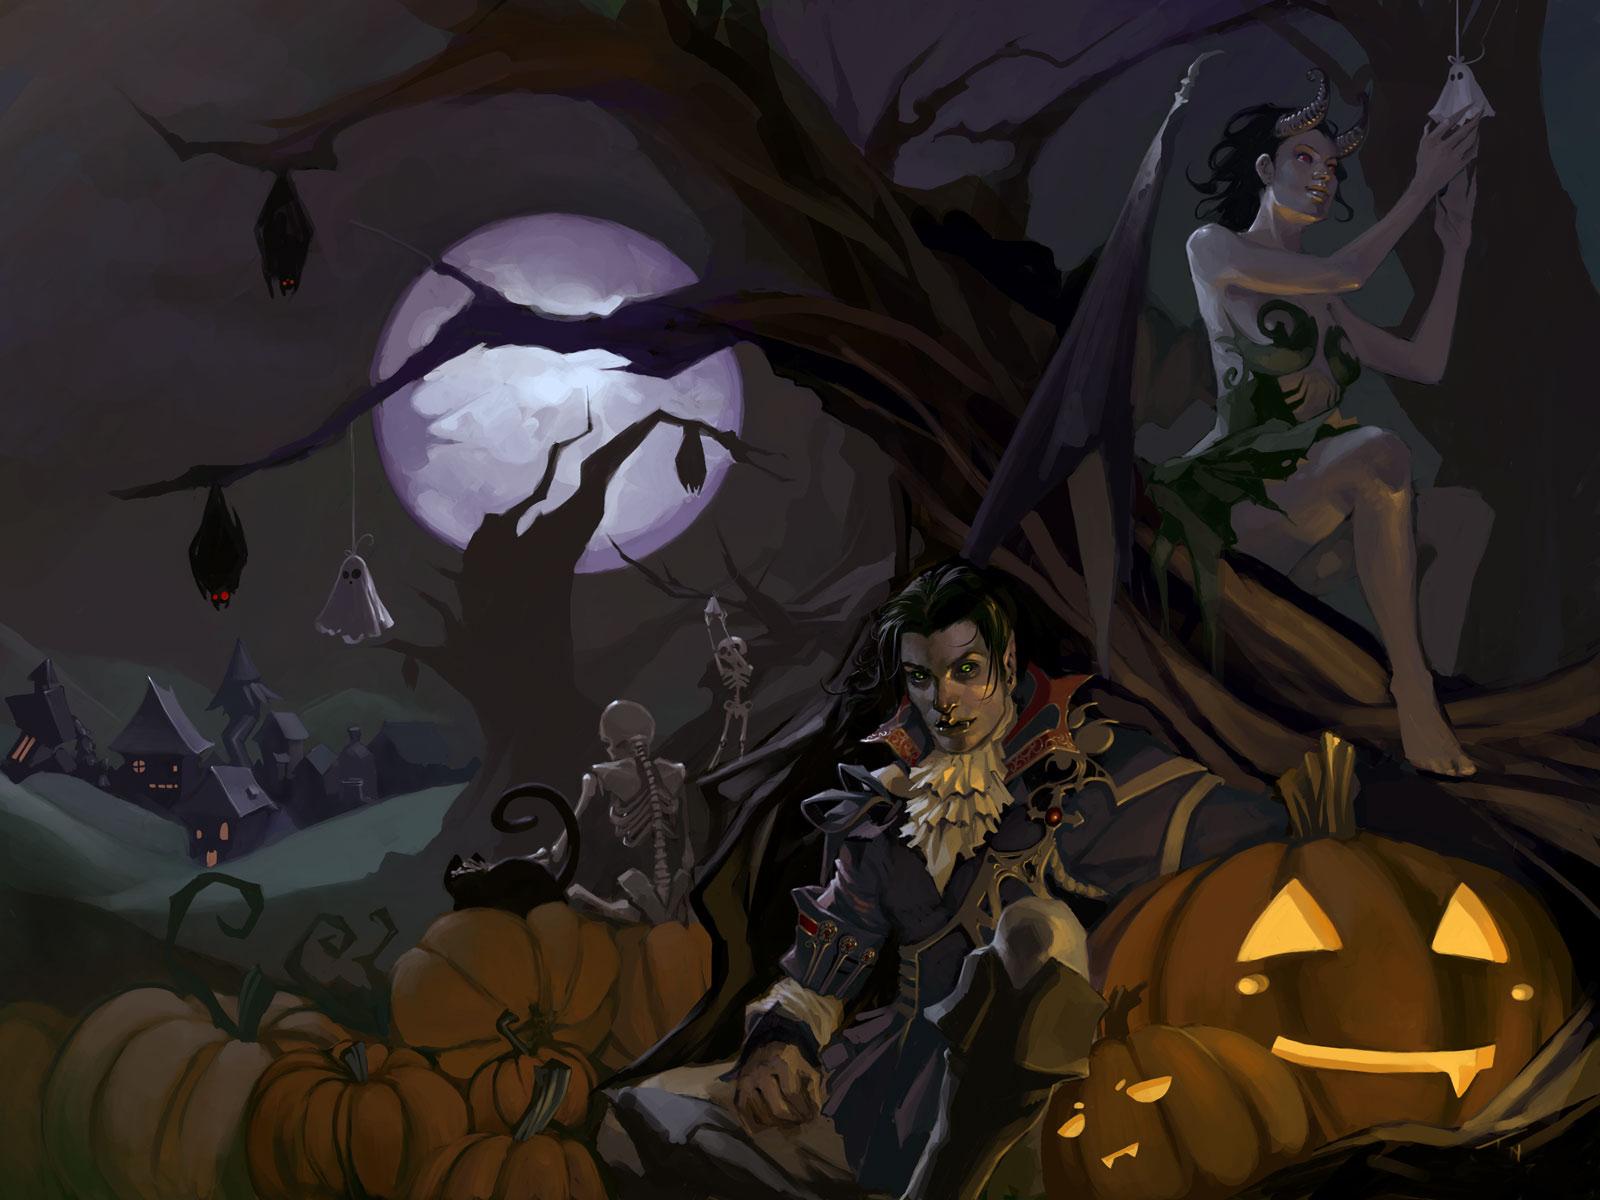 AAAAAAAAANEAE0vjtD2lW8s1600Cute Halloween Wallpapersjpg 1600x1200